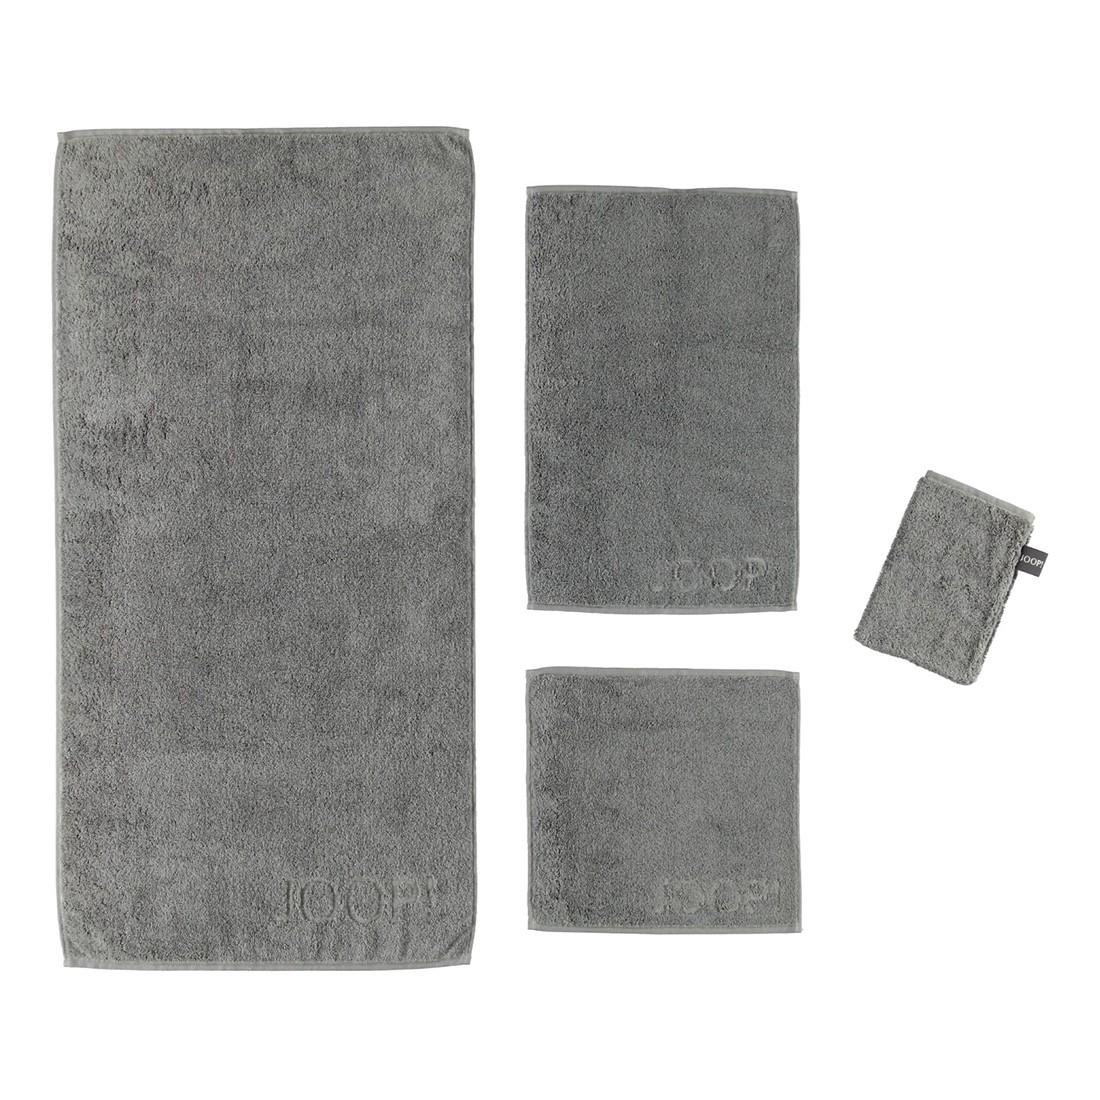 Handtuch Basic – 100% Baumwolle schieferGrau – 766 – Saunatuch: 80 x 200 cm, Joop günstig